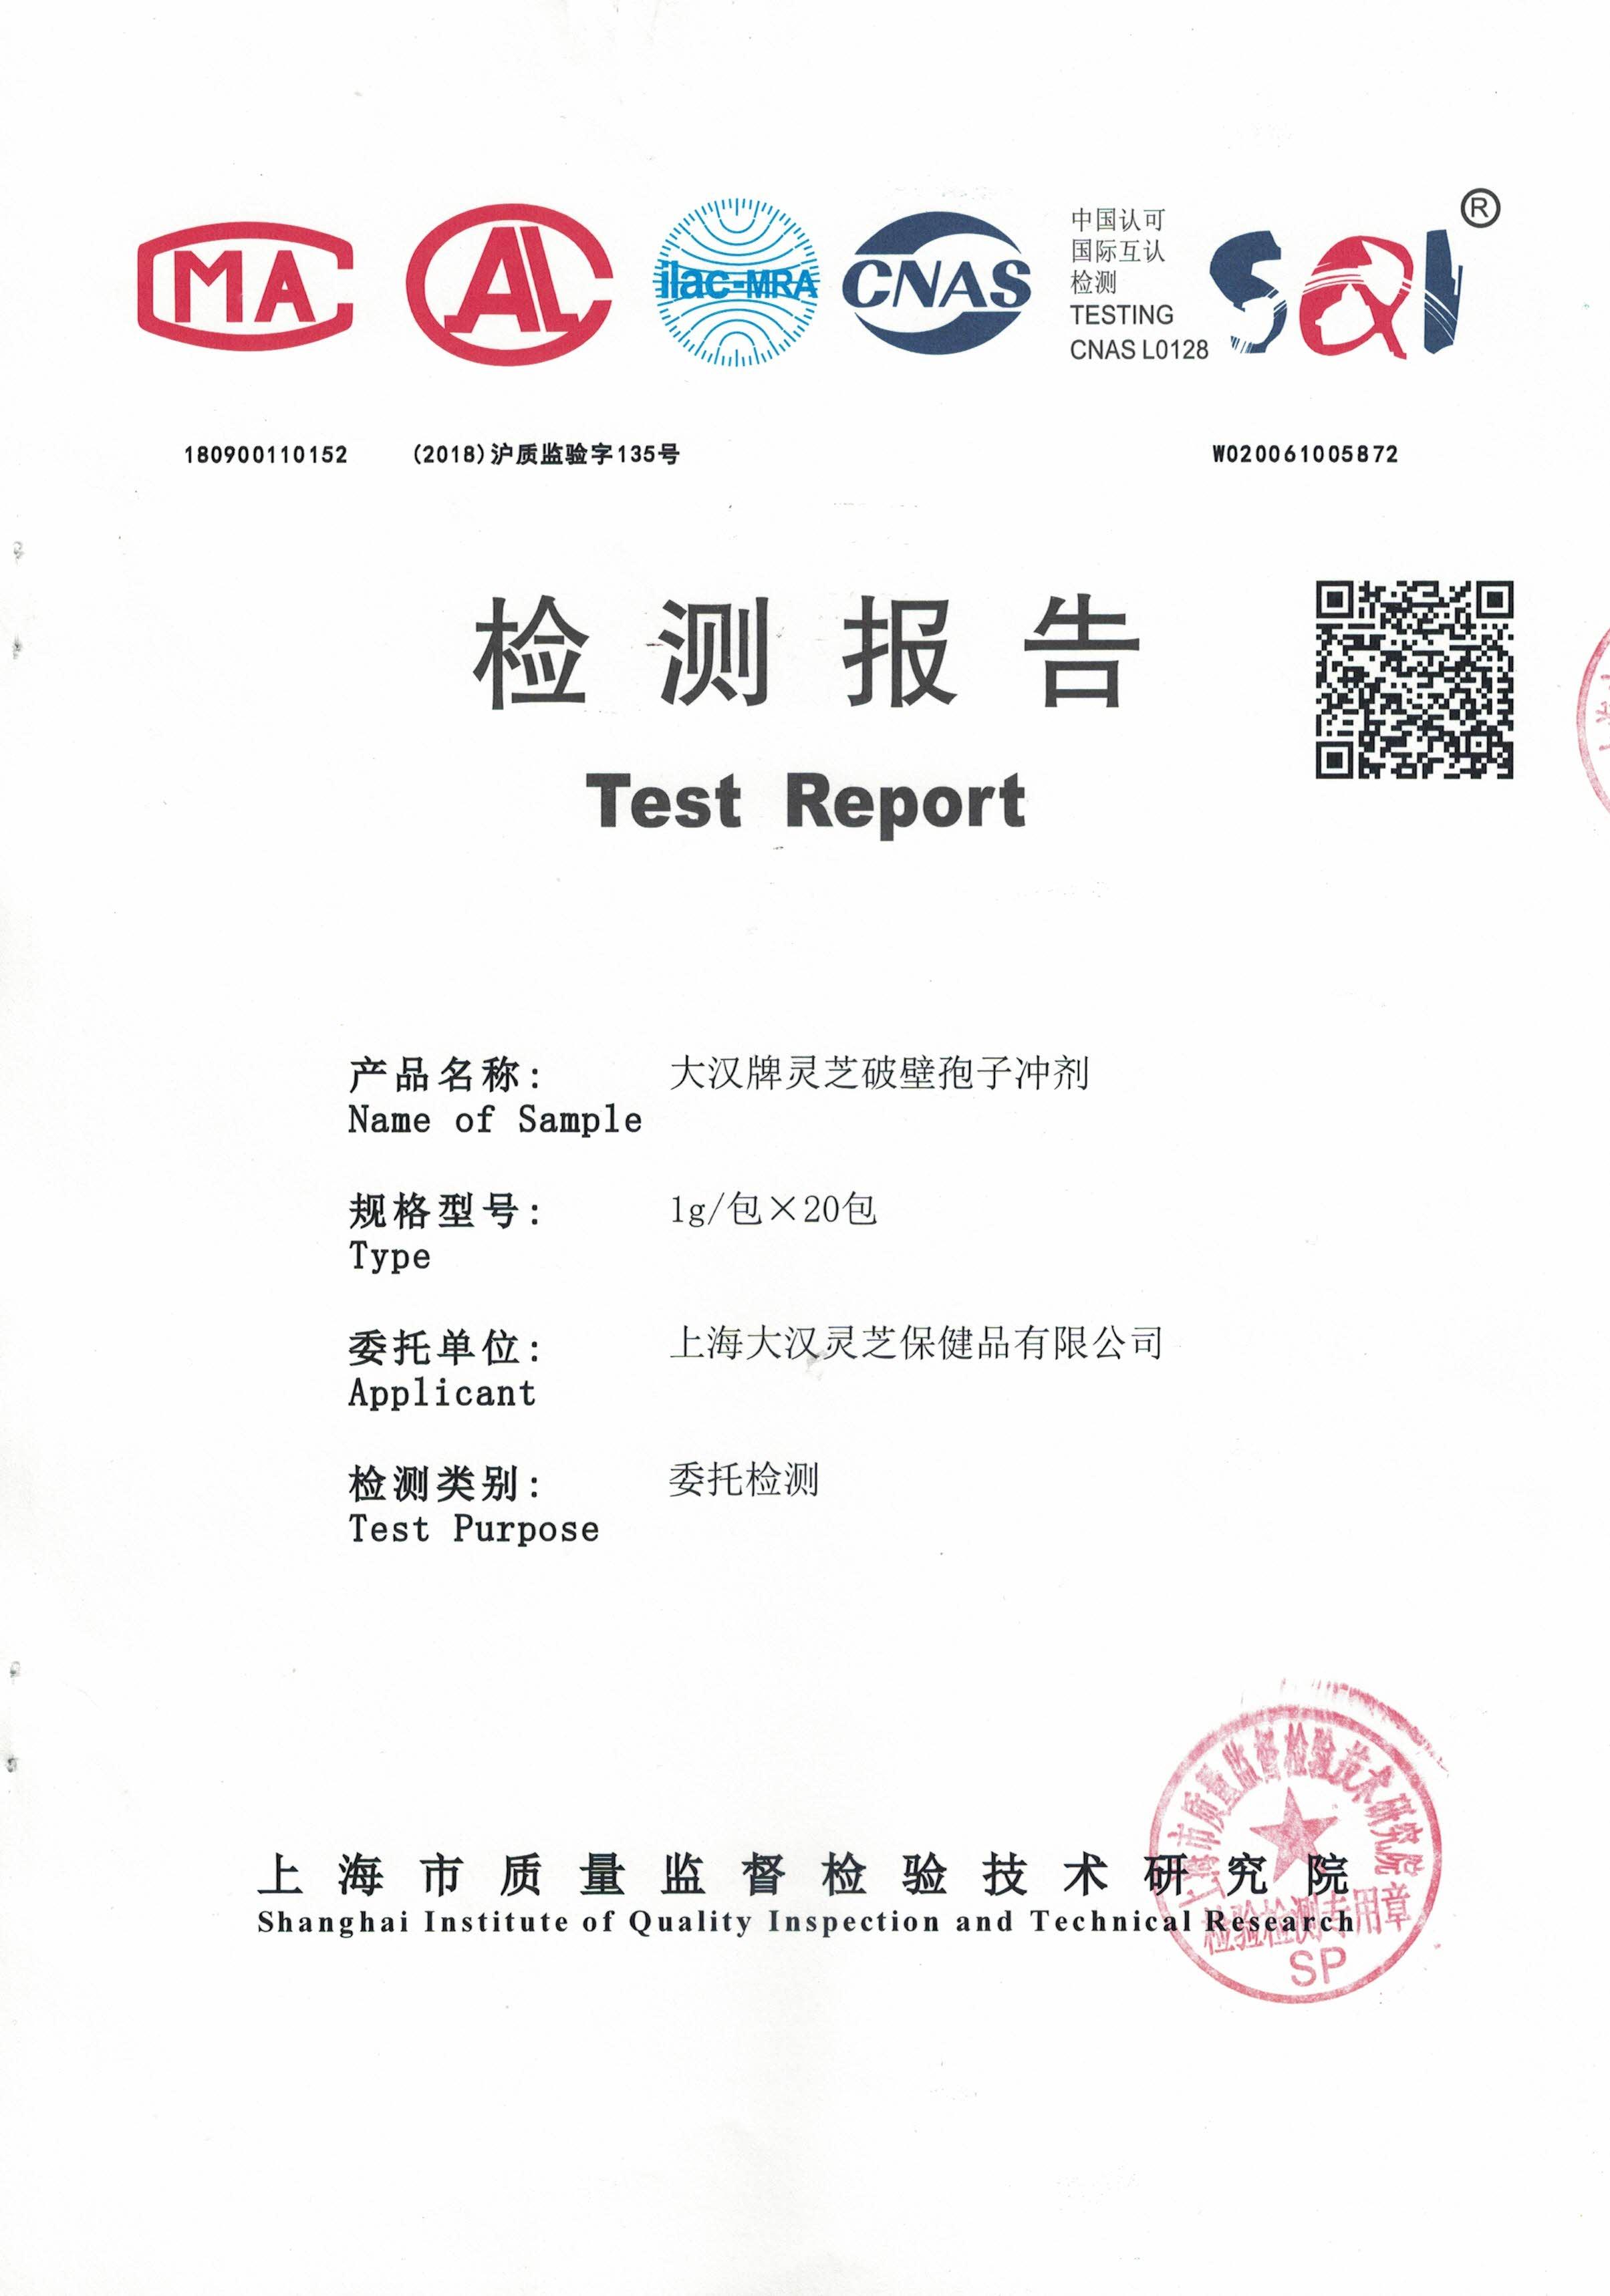 2020年4月23日 大汉牌灵芝破壁孢子冲剂 有效成分含量检测报告